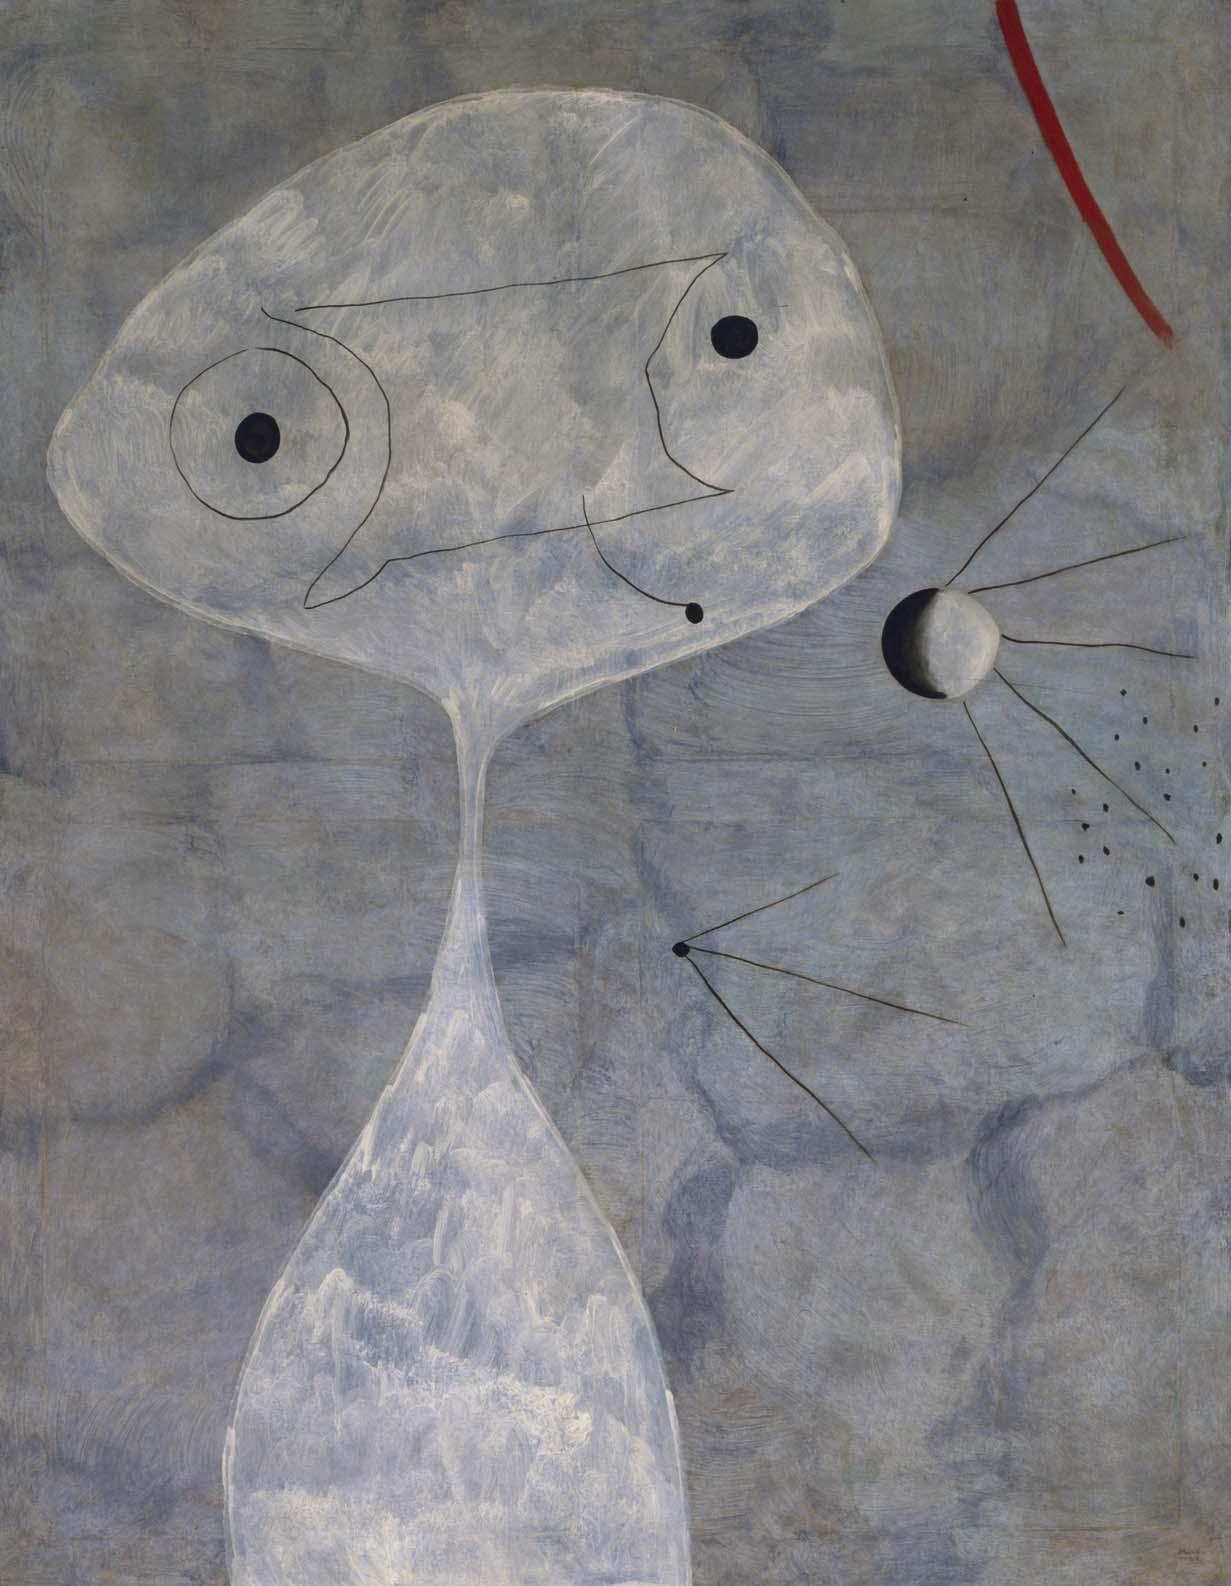 Joan Miró - Pintura (Hombre con pipa)